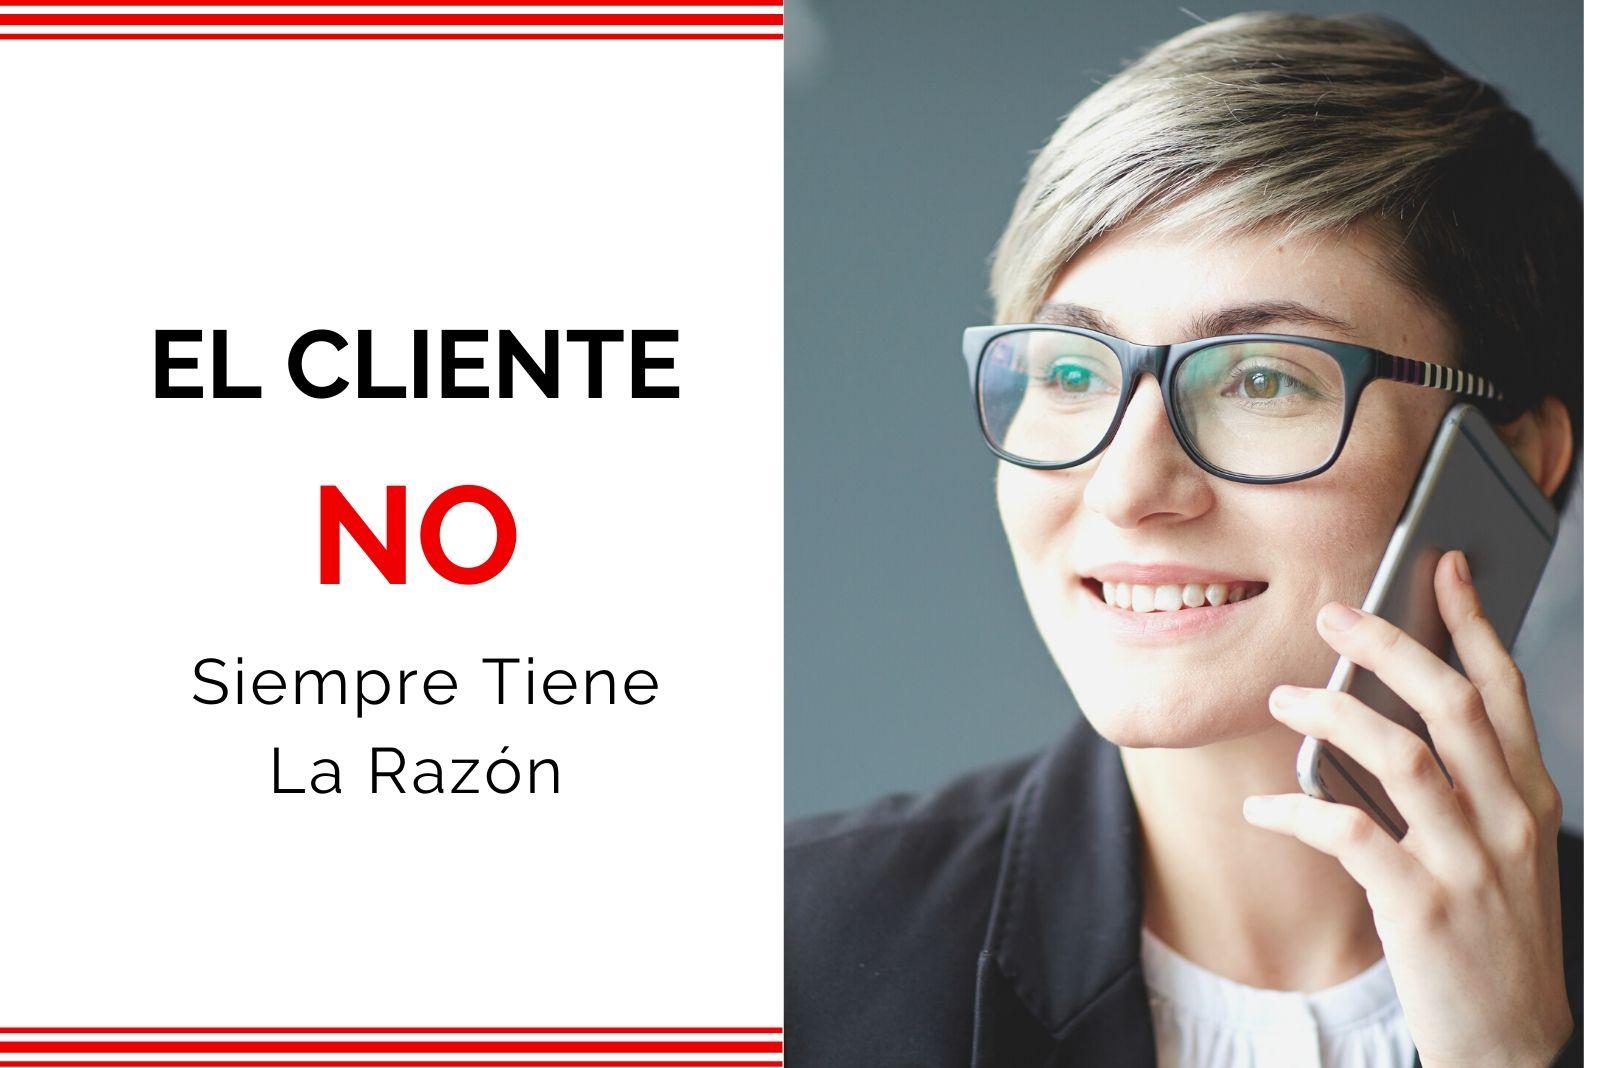 Hector Jimenez - El Cliente NO Siempre Tiene La Razón - 1